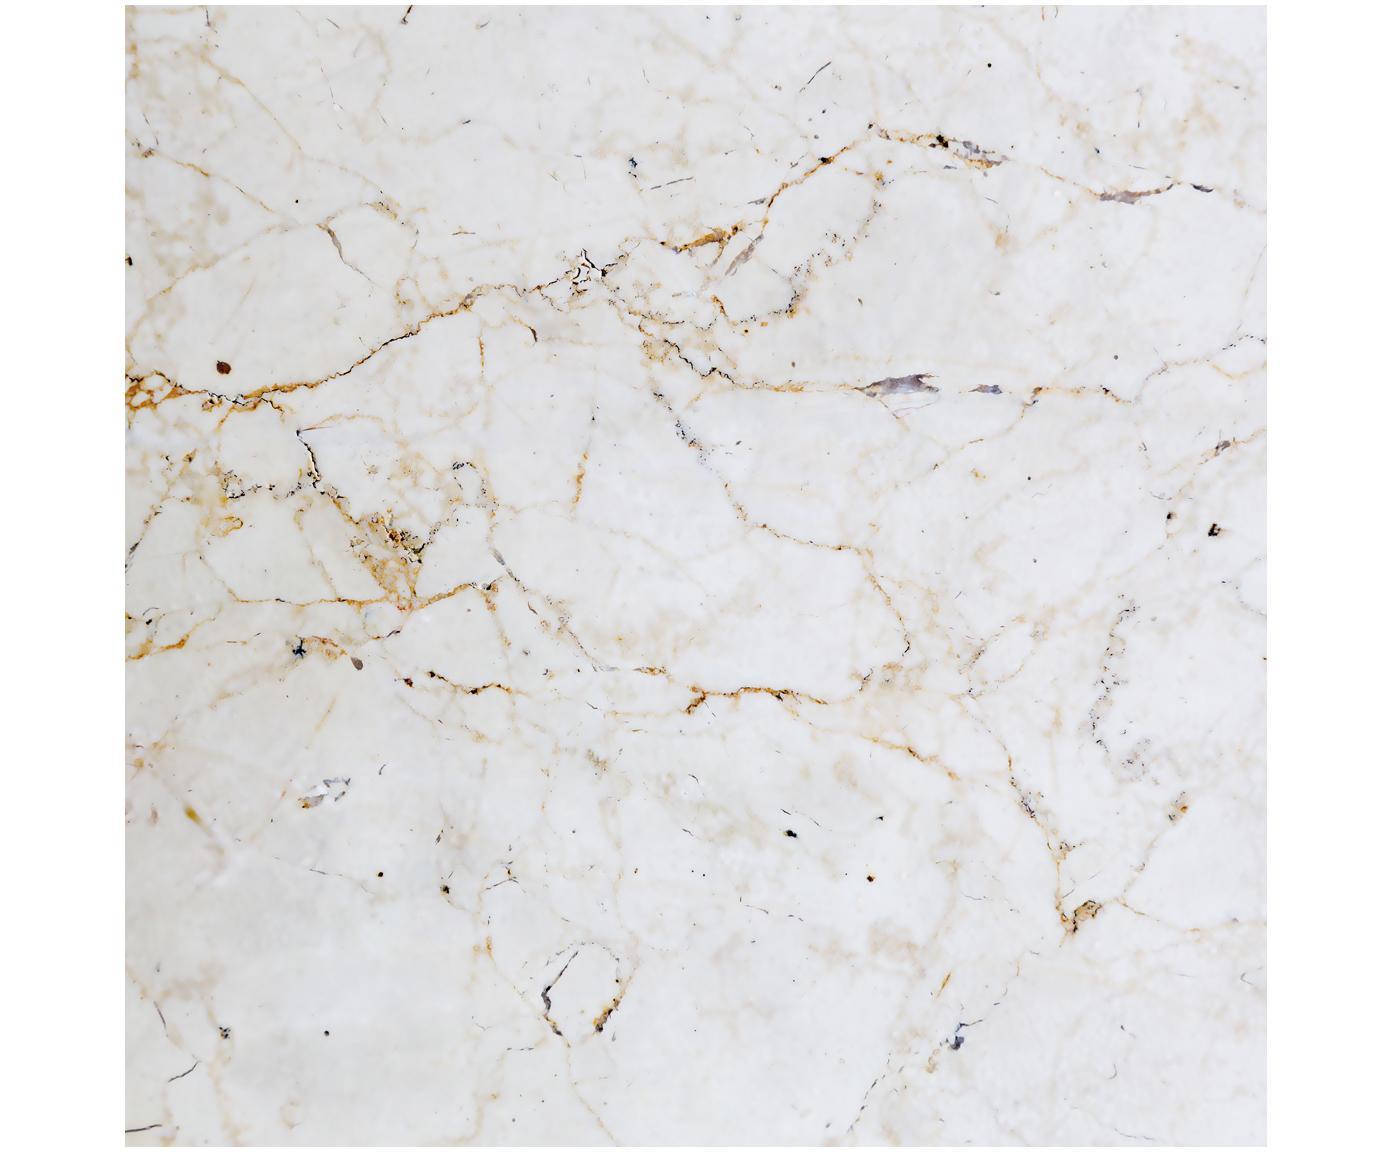 Fototapete Milano, Vlies, Weiß, marmoriert, Schwarz, Goldfarben, 300 x 300 cm